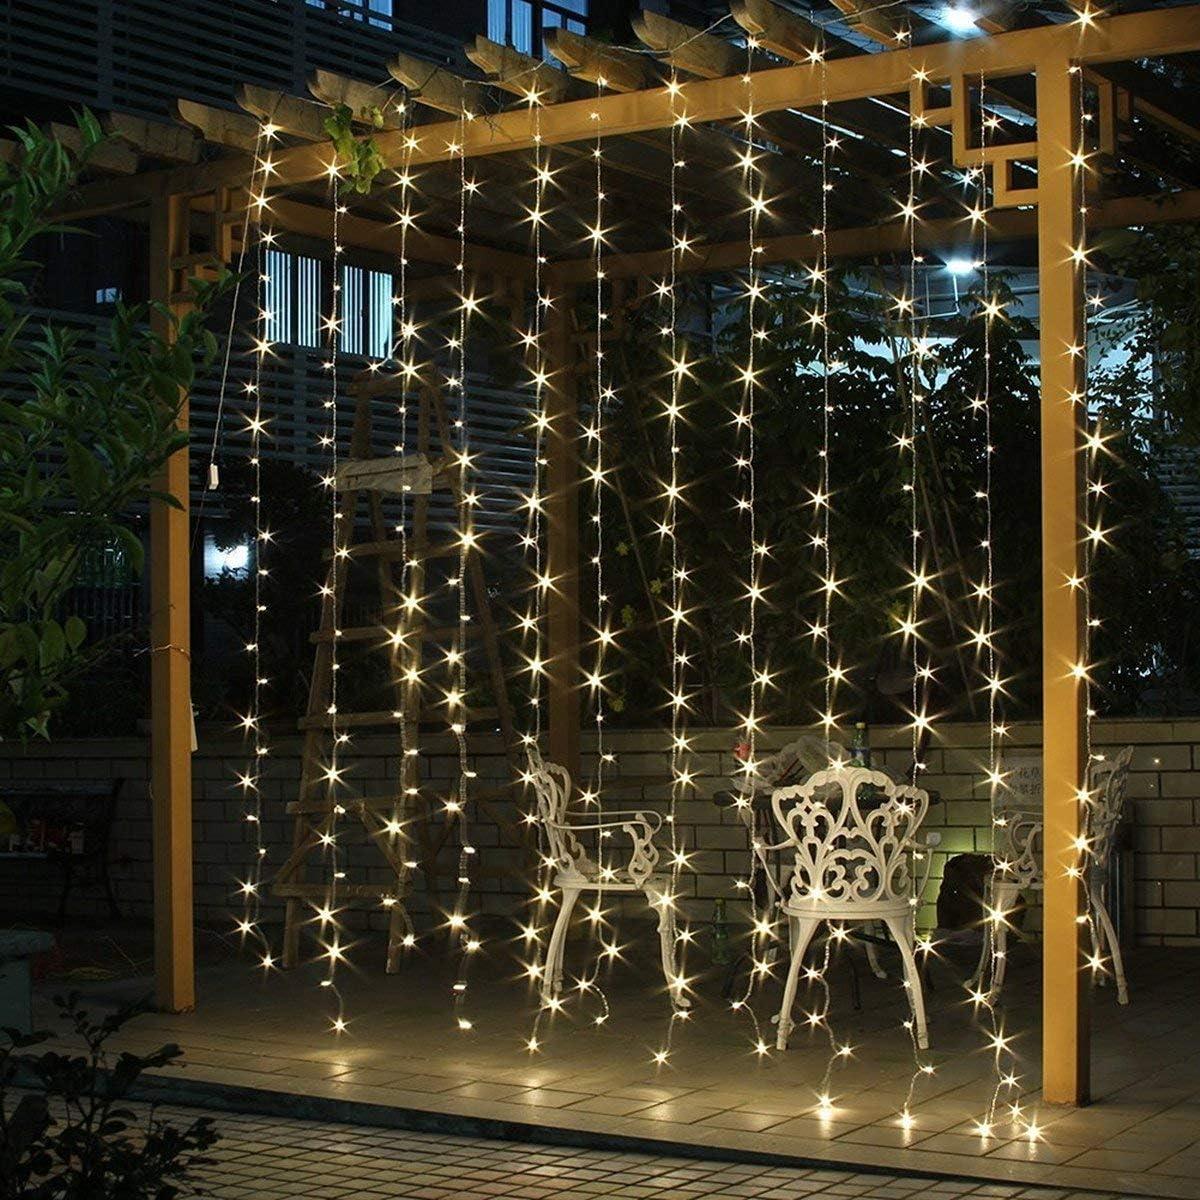 Luces de Cadena de Cortina, 3m*3m Cable de Cobre 300 Luces de Cadena de Ventana LED Impermeables para Ambientes de Bodas al Aire Libre, Fiesta, Navidad, Decoración de Dormitorio: Amazon.es: Iluminación